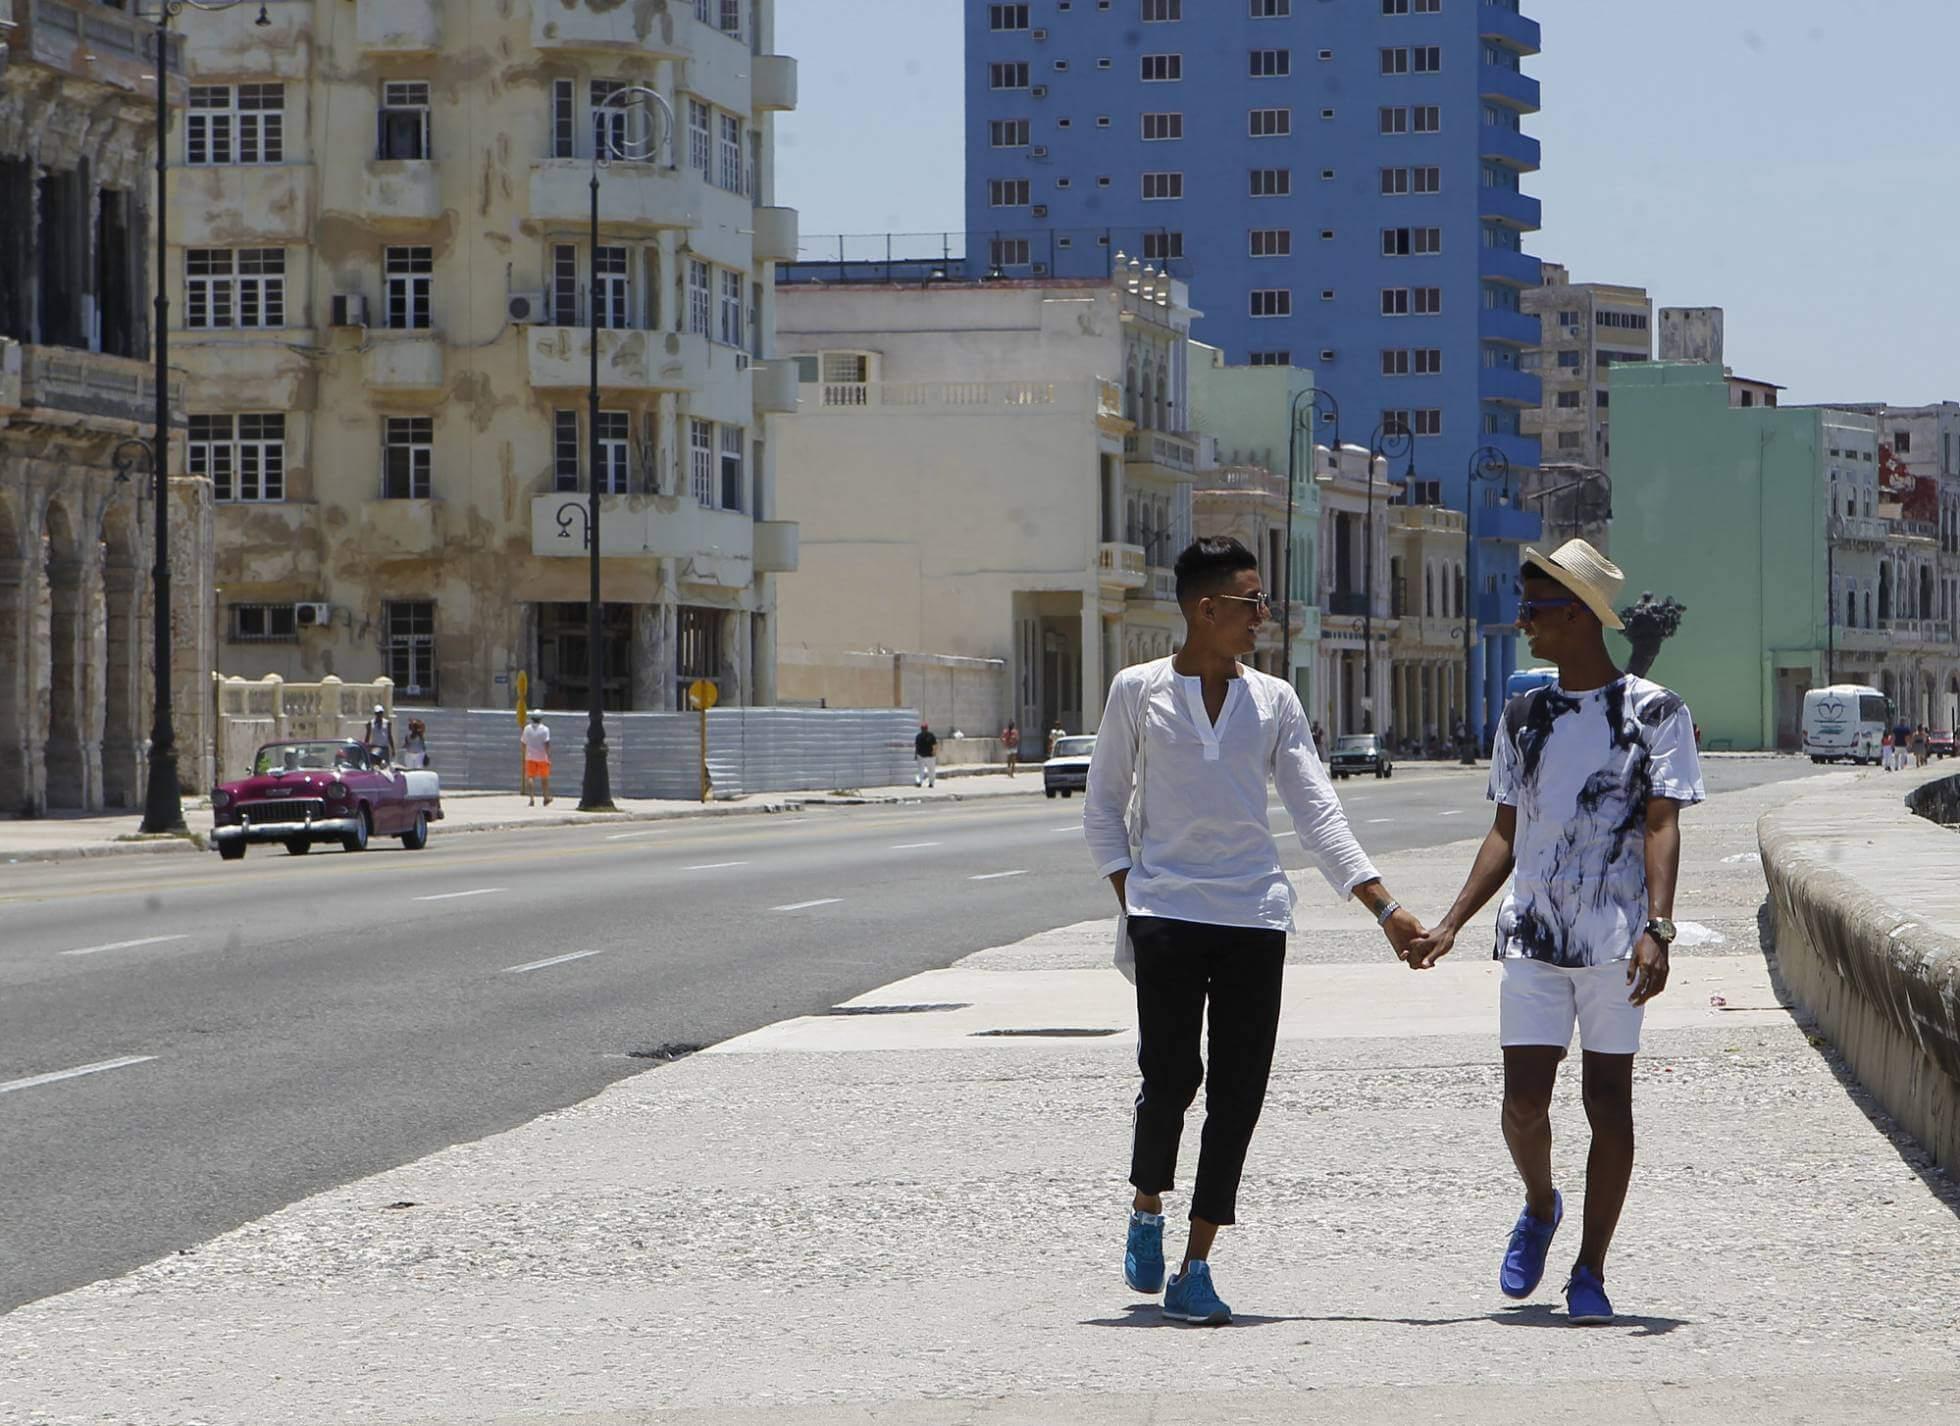 Comienza el cambio: Cuba busca la legalización del matrimonio igualitario